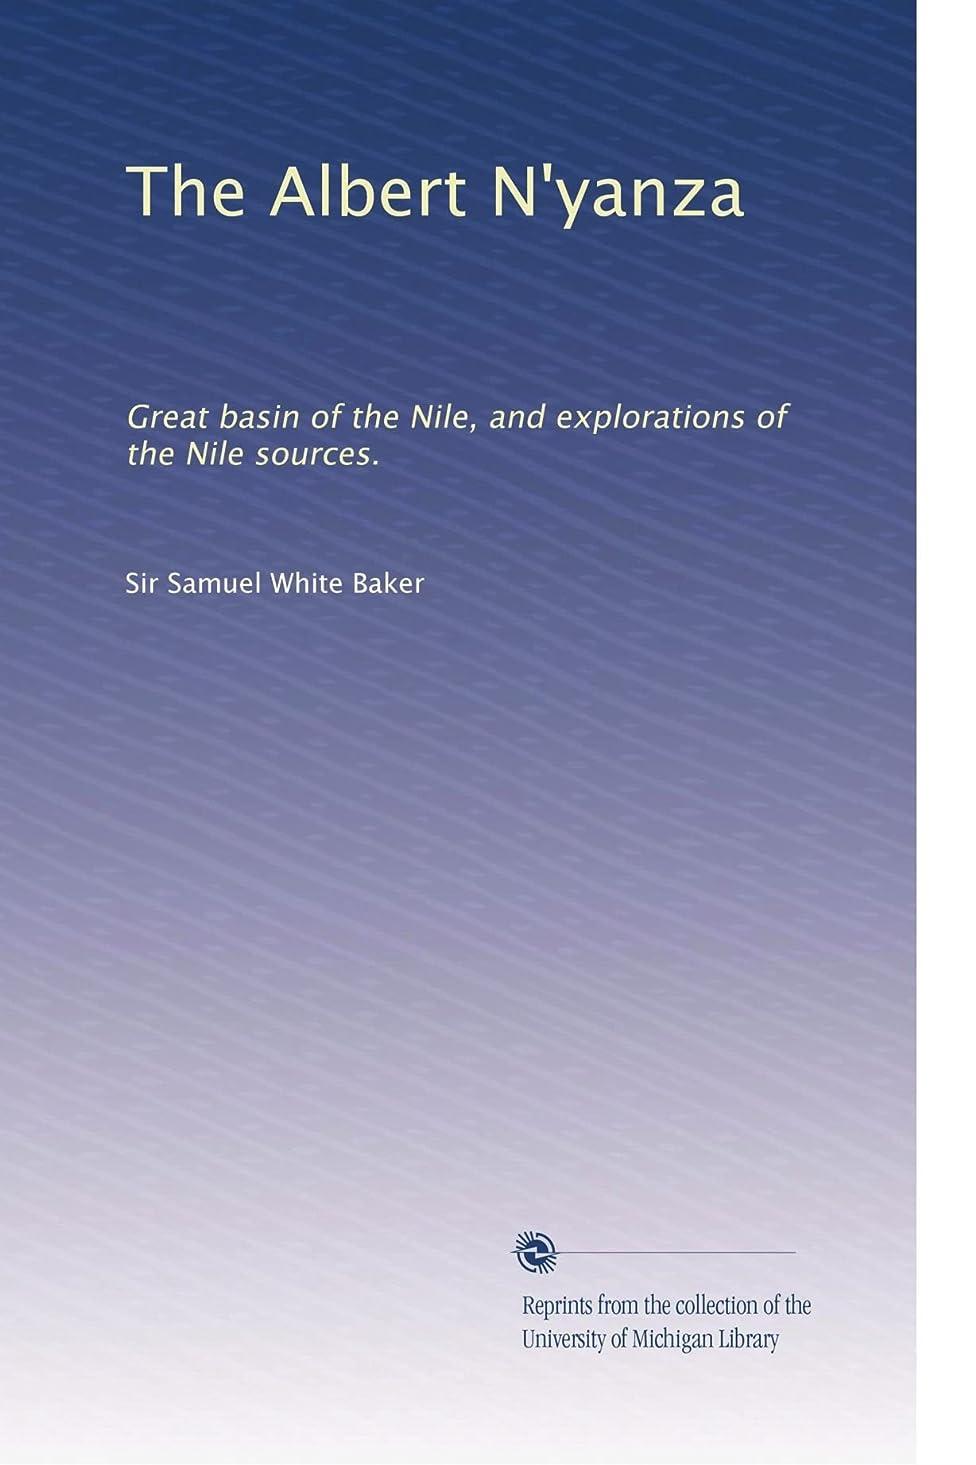 隔離スタッフ整理するThe Albert N'yanza: Great basin of the Nile, and explorations of the Nile sources.